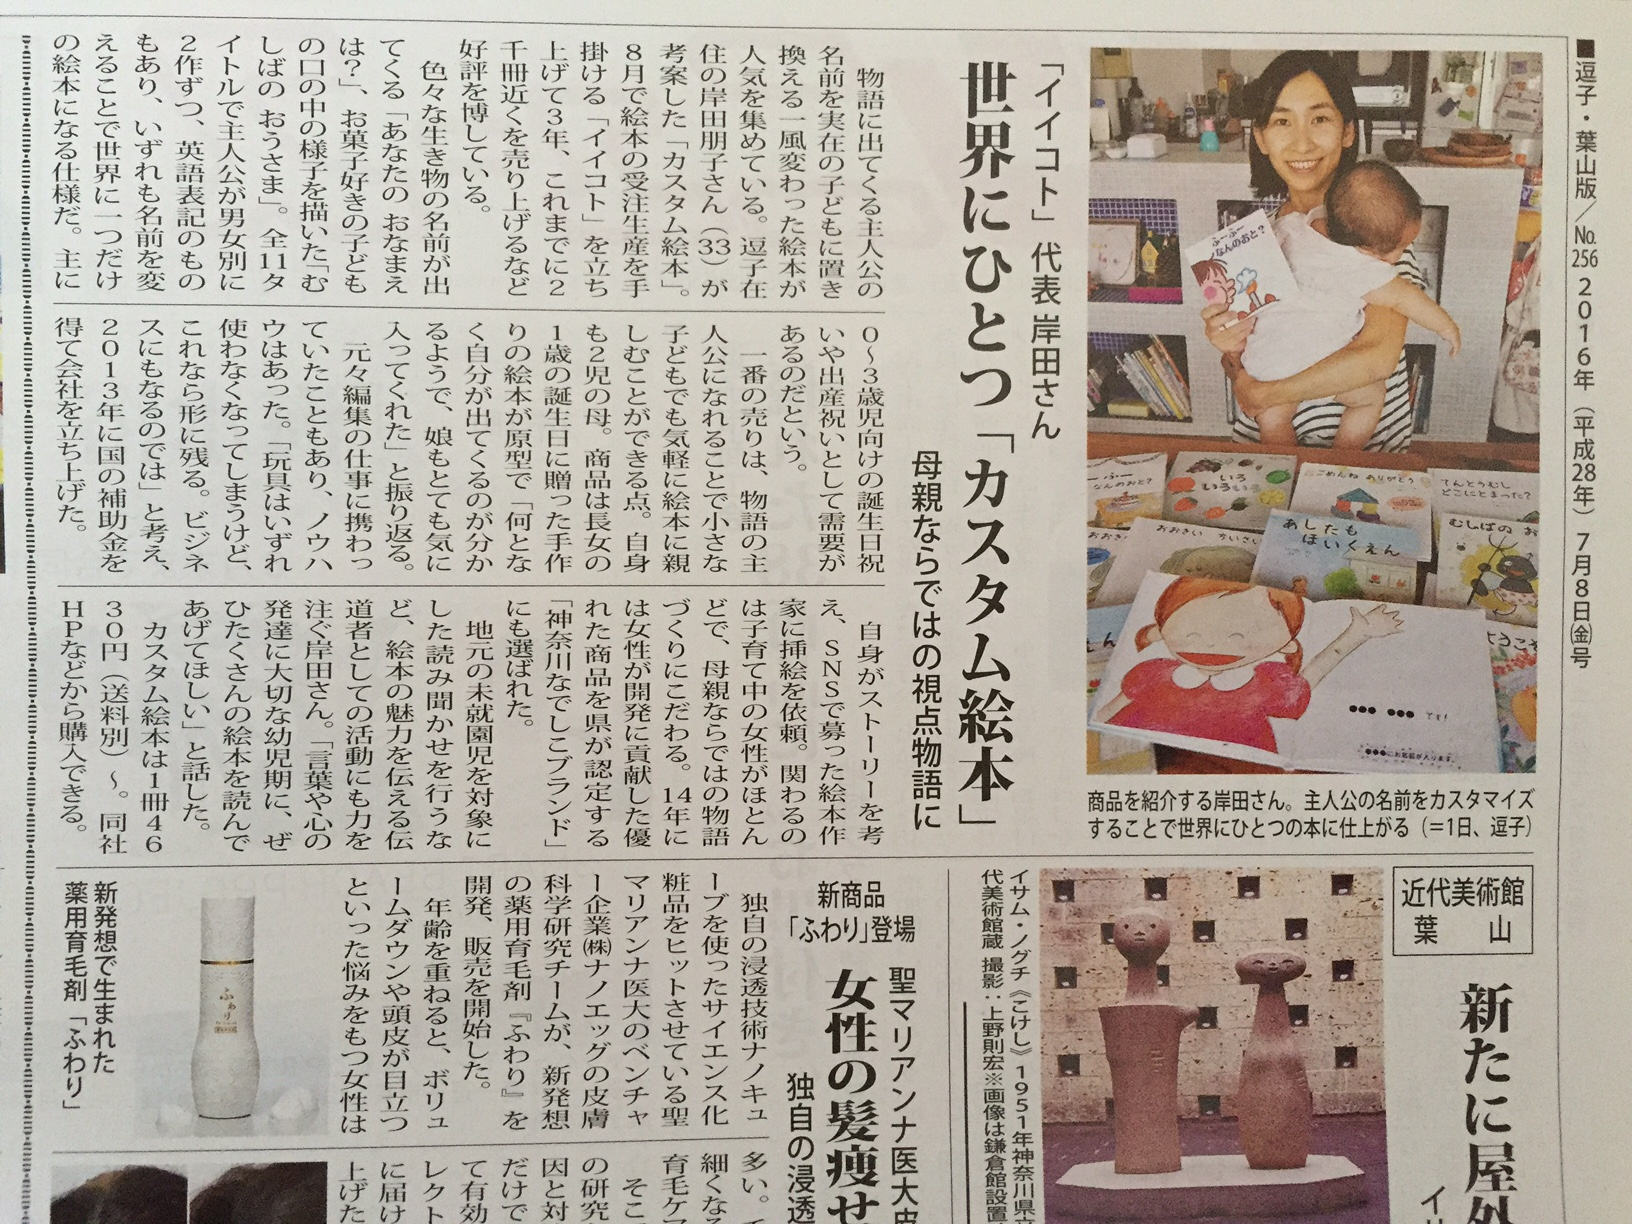 タウンニュース逗子葉山版2016/7/8号